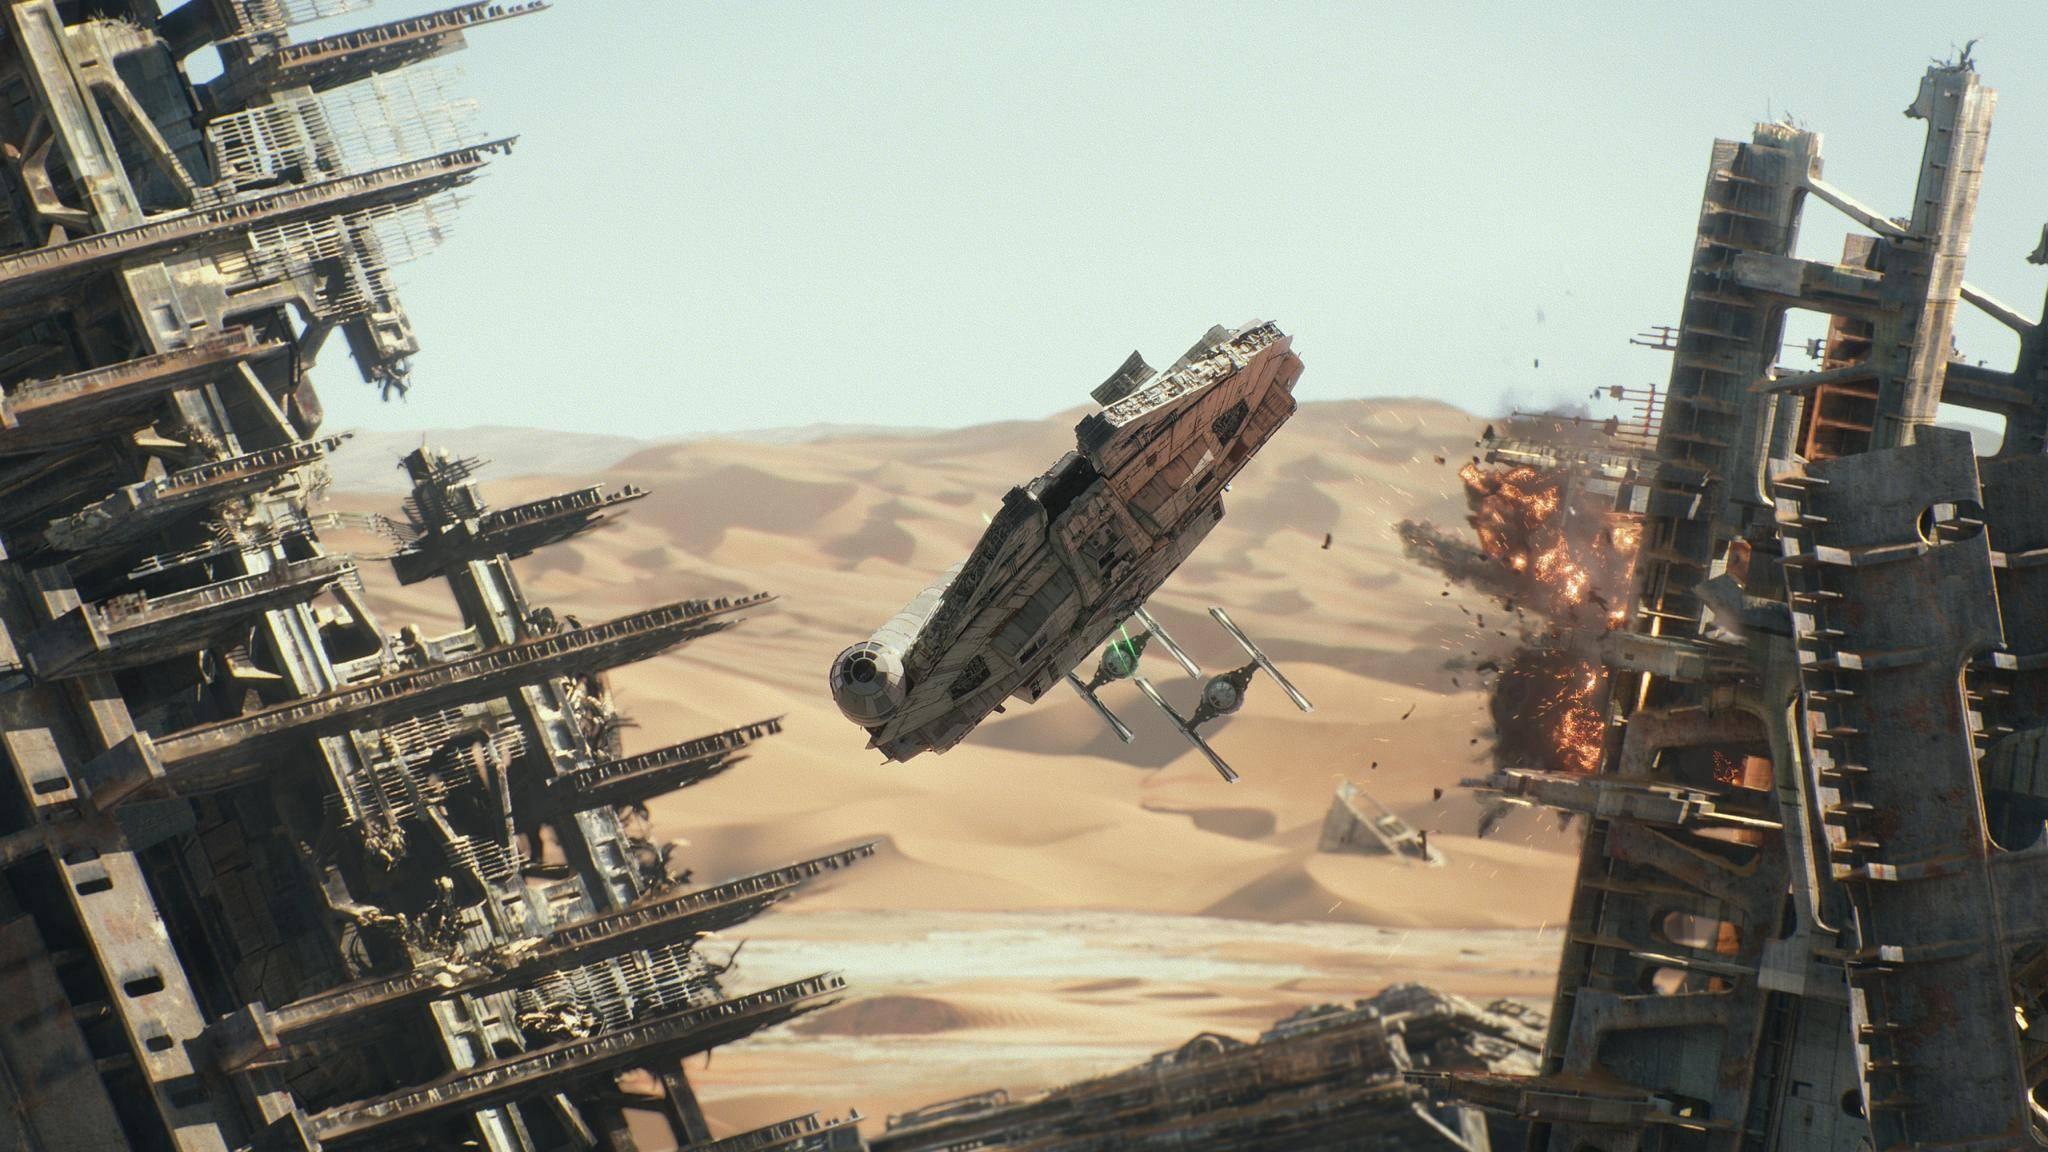 """Nur noch ein bisschen Feinschliff, dann scheint """"Solo: A Star Wars Story"""" endlich fertig zu sein."""